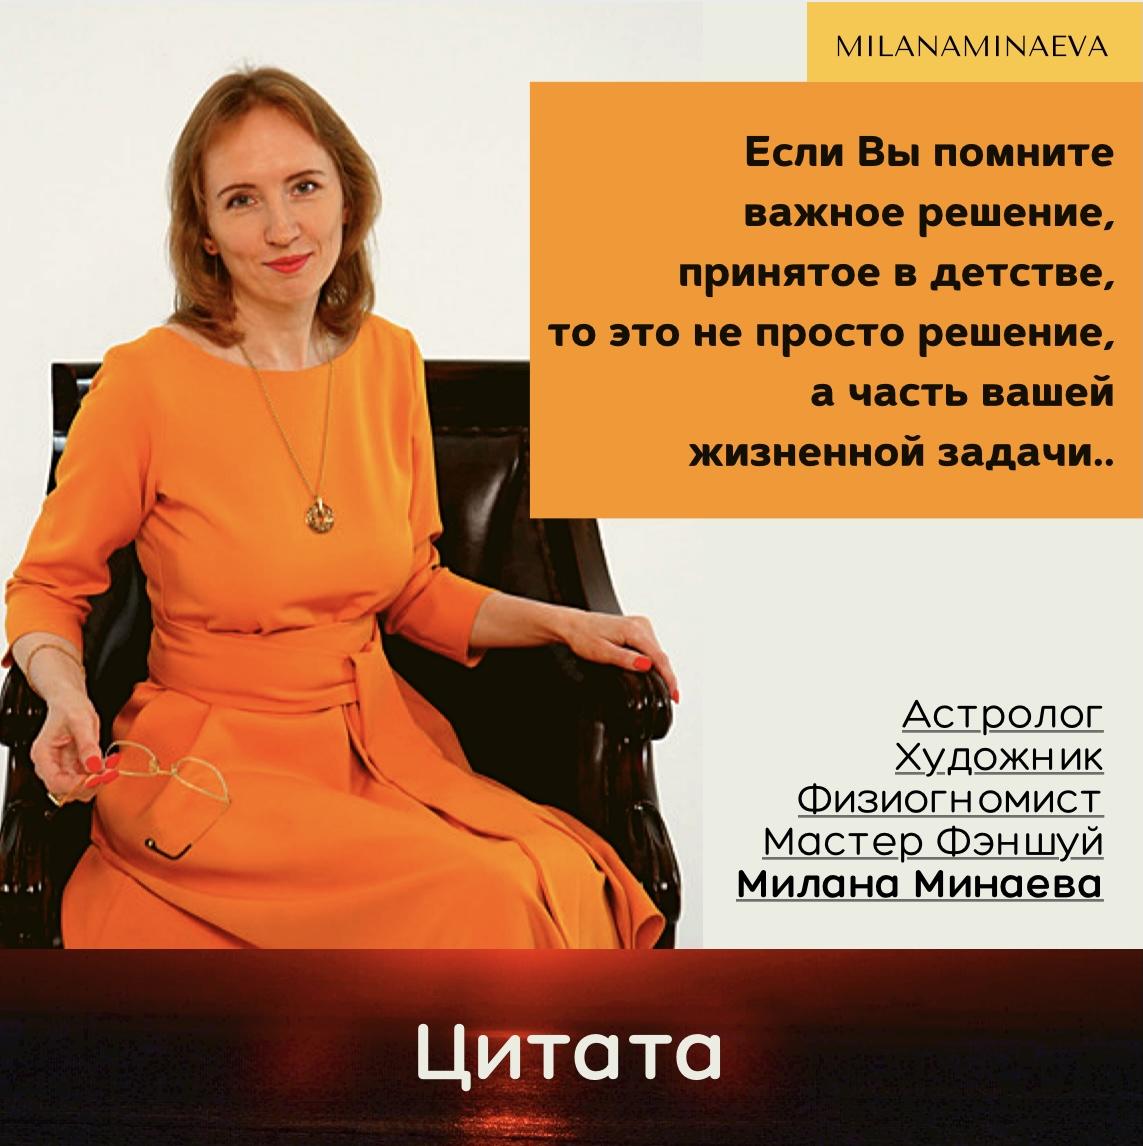 Милана Минаева - цитата